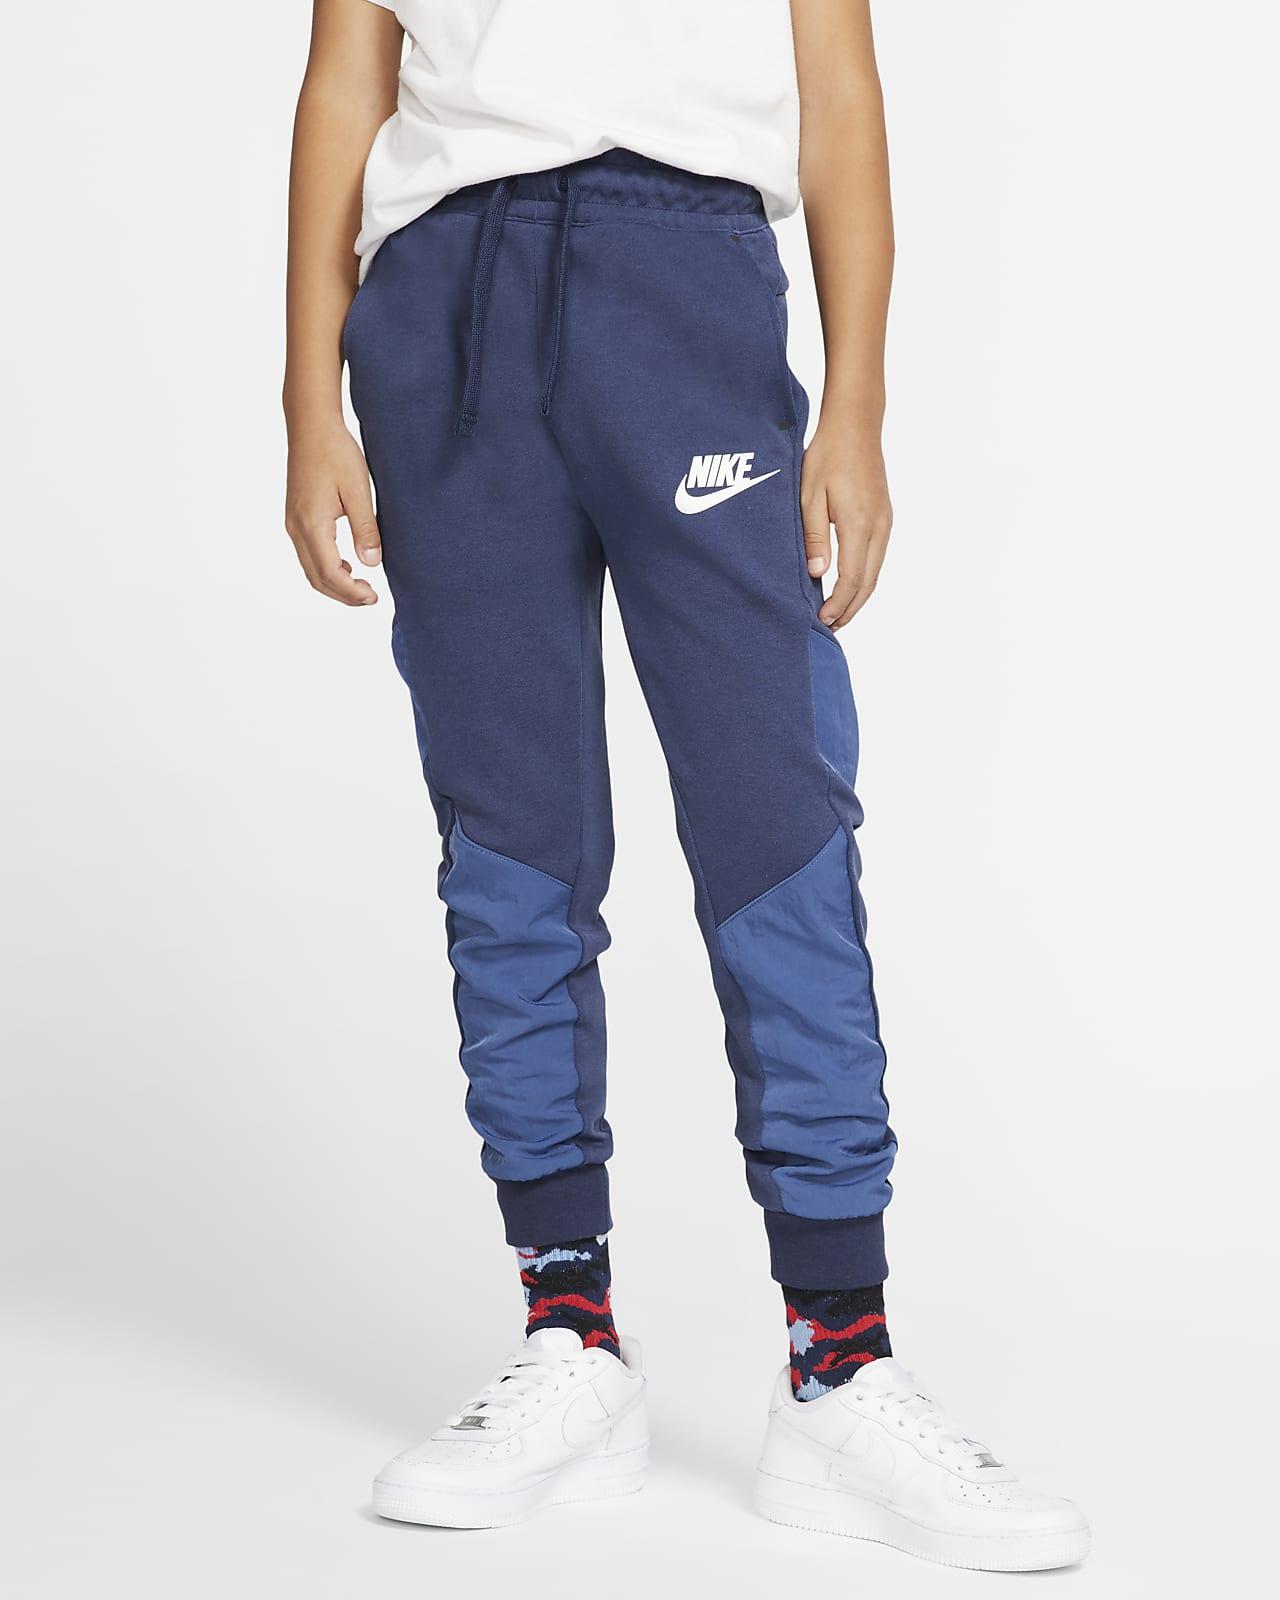 Nike Sportswear Winterized Tech Fleece Jongensbroek